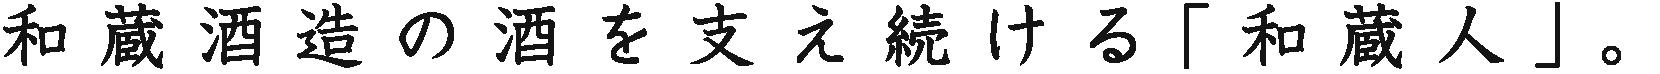 和蔵酒造の酒を支え続ける「和蔵人」。